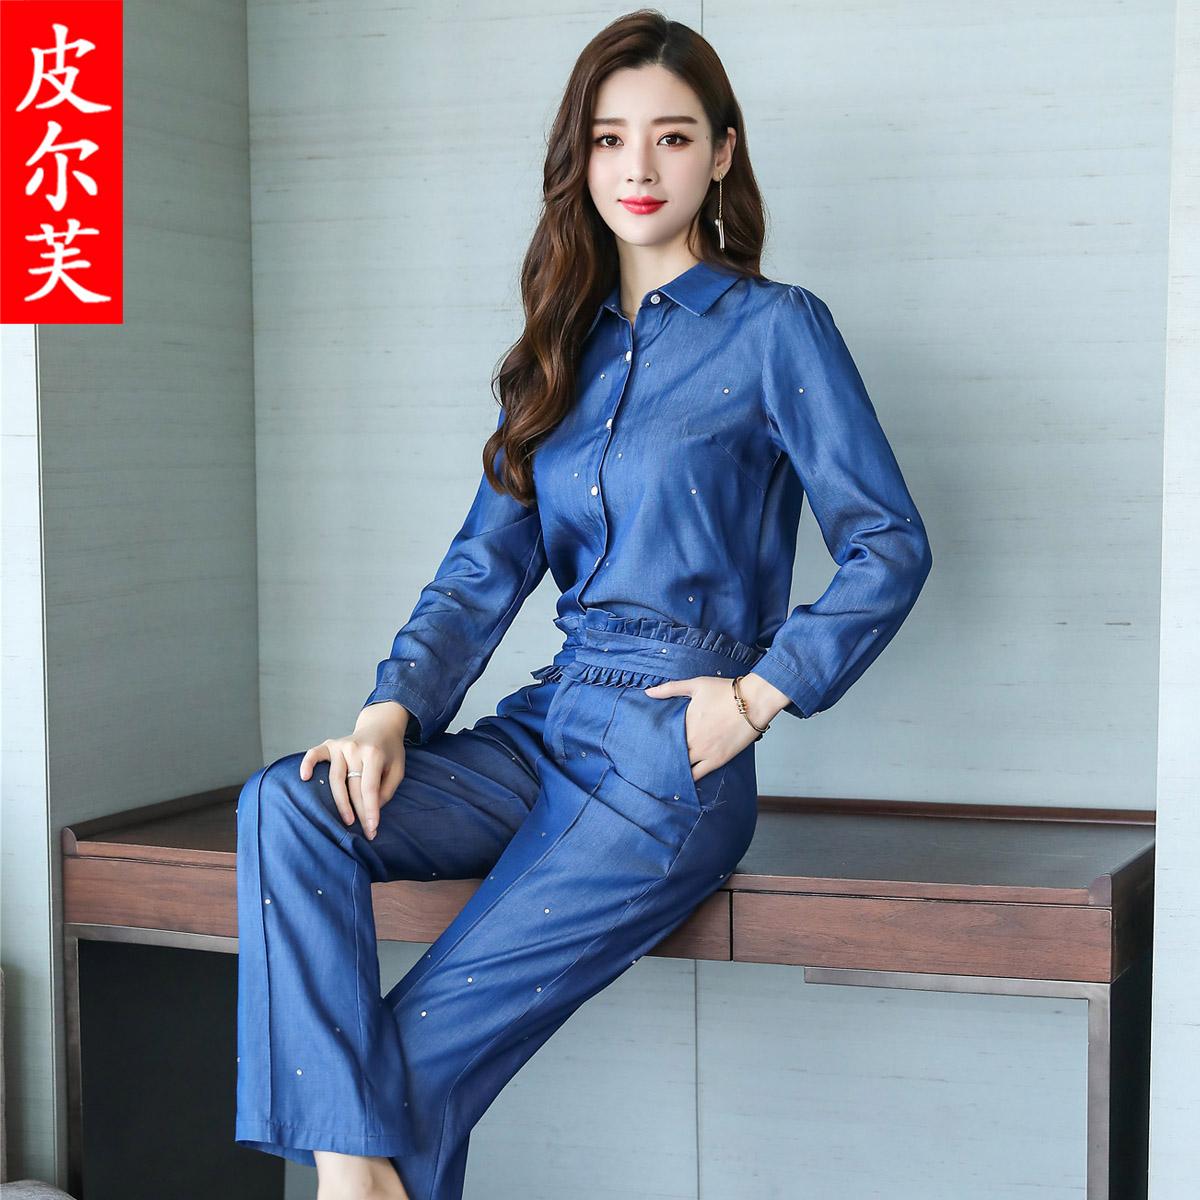 12月02日最新优惠牛仔时尚套装2018春秋季新款女装秋天衬衣搭配时髦气质裤子两件套